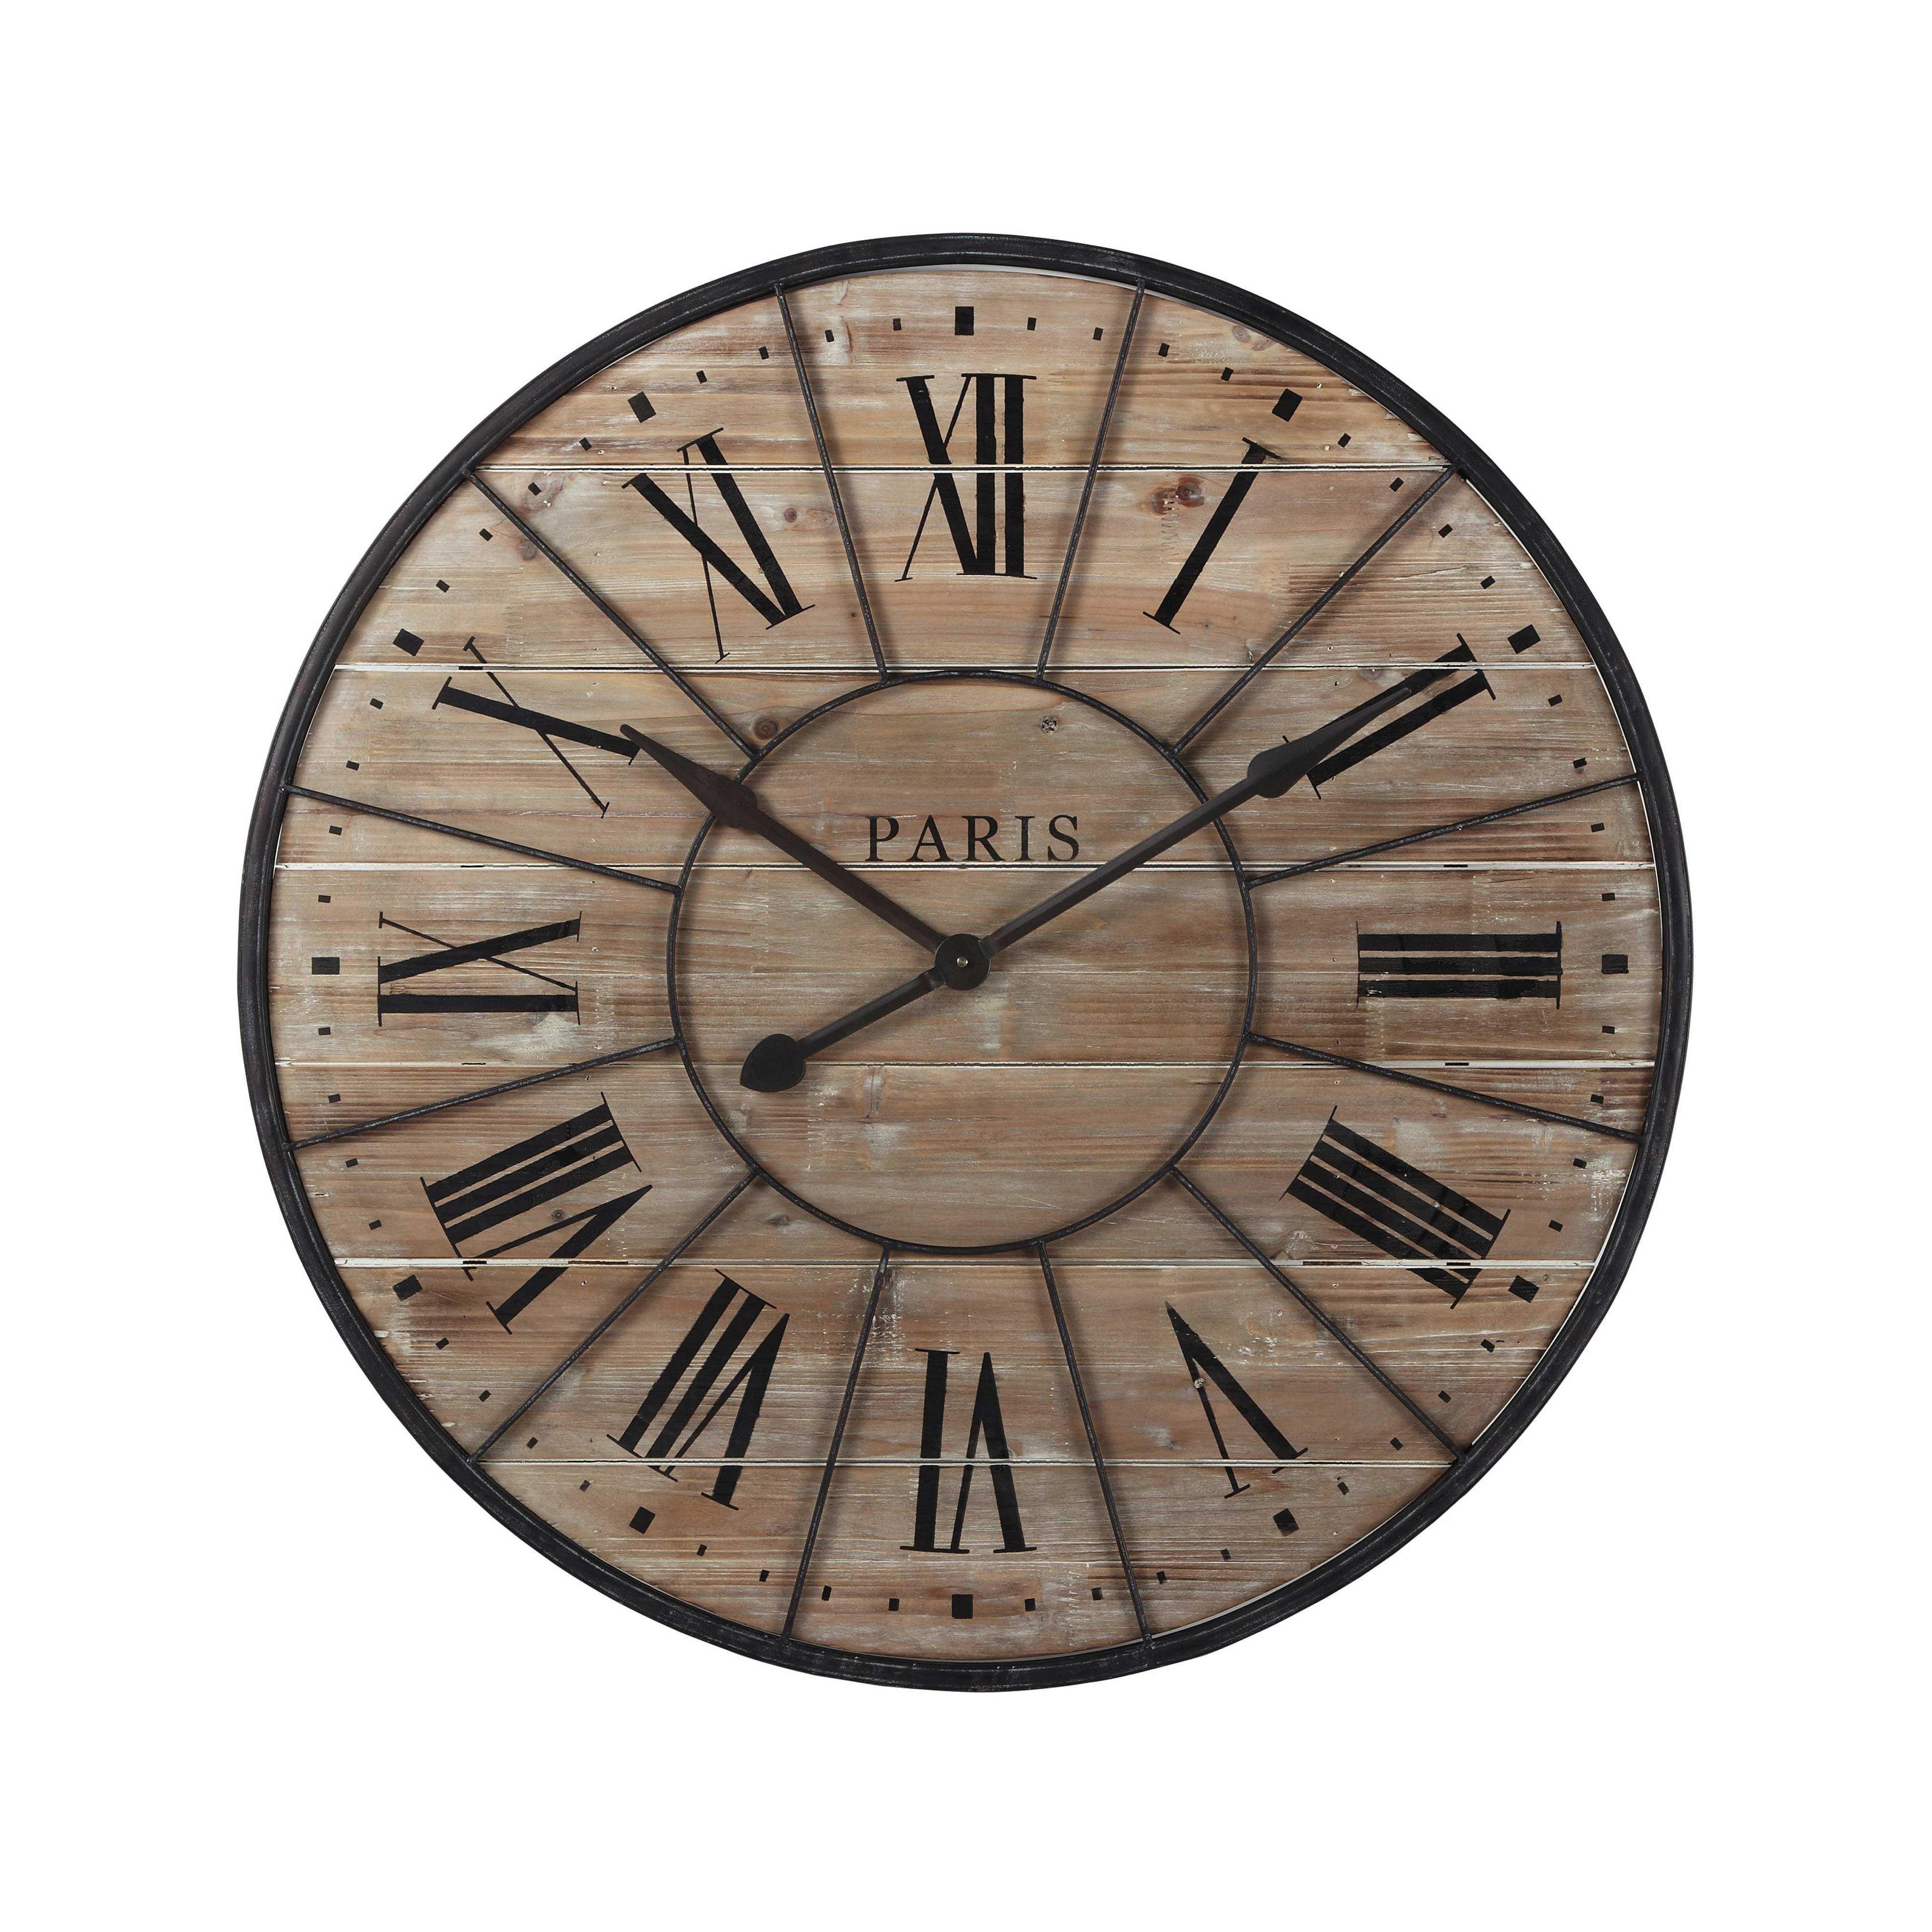 Horloge En Bois Et Metal D 90 Cm Valmy Maisons Du Monde Horloge Bois Horloge Murale Horloge